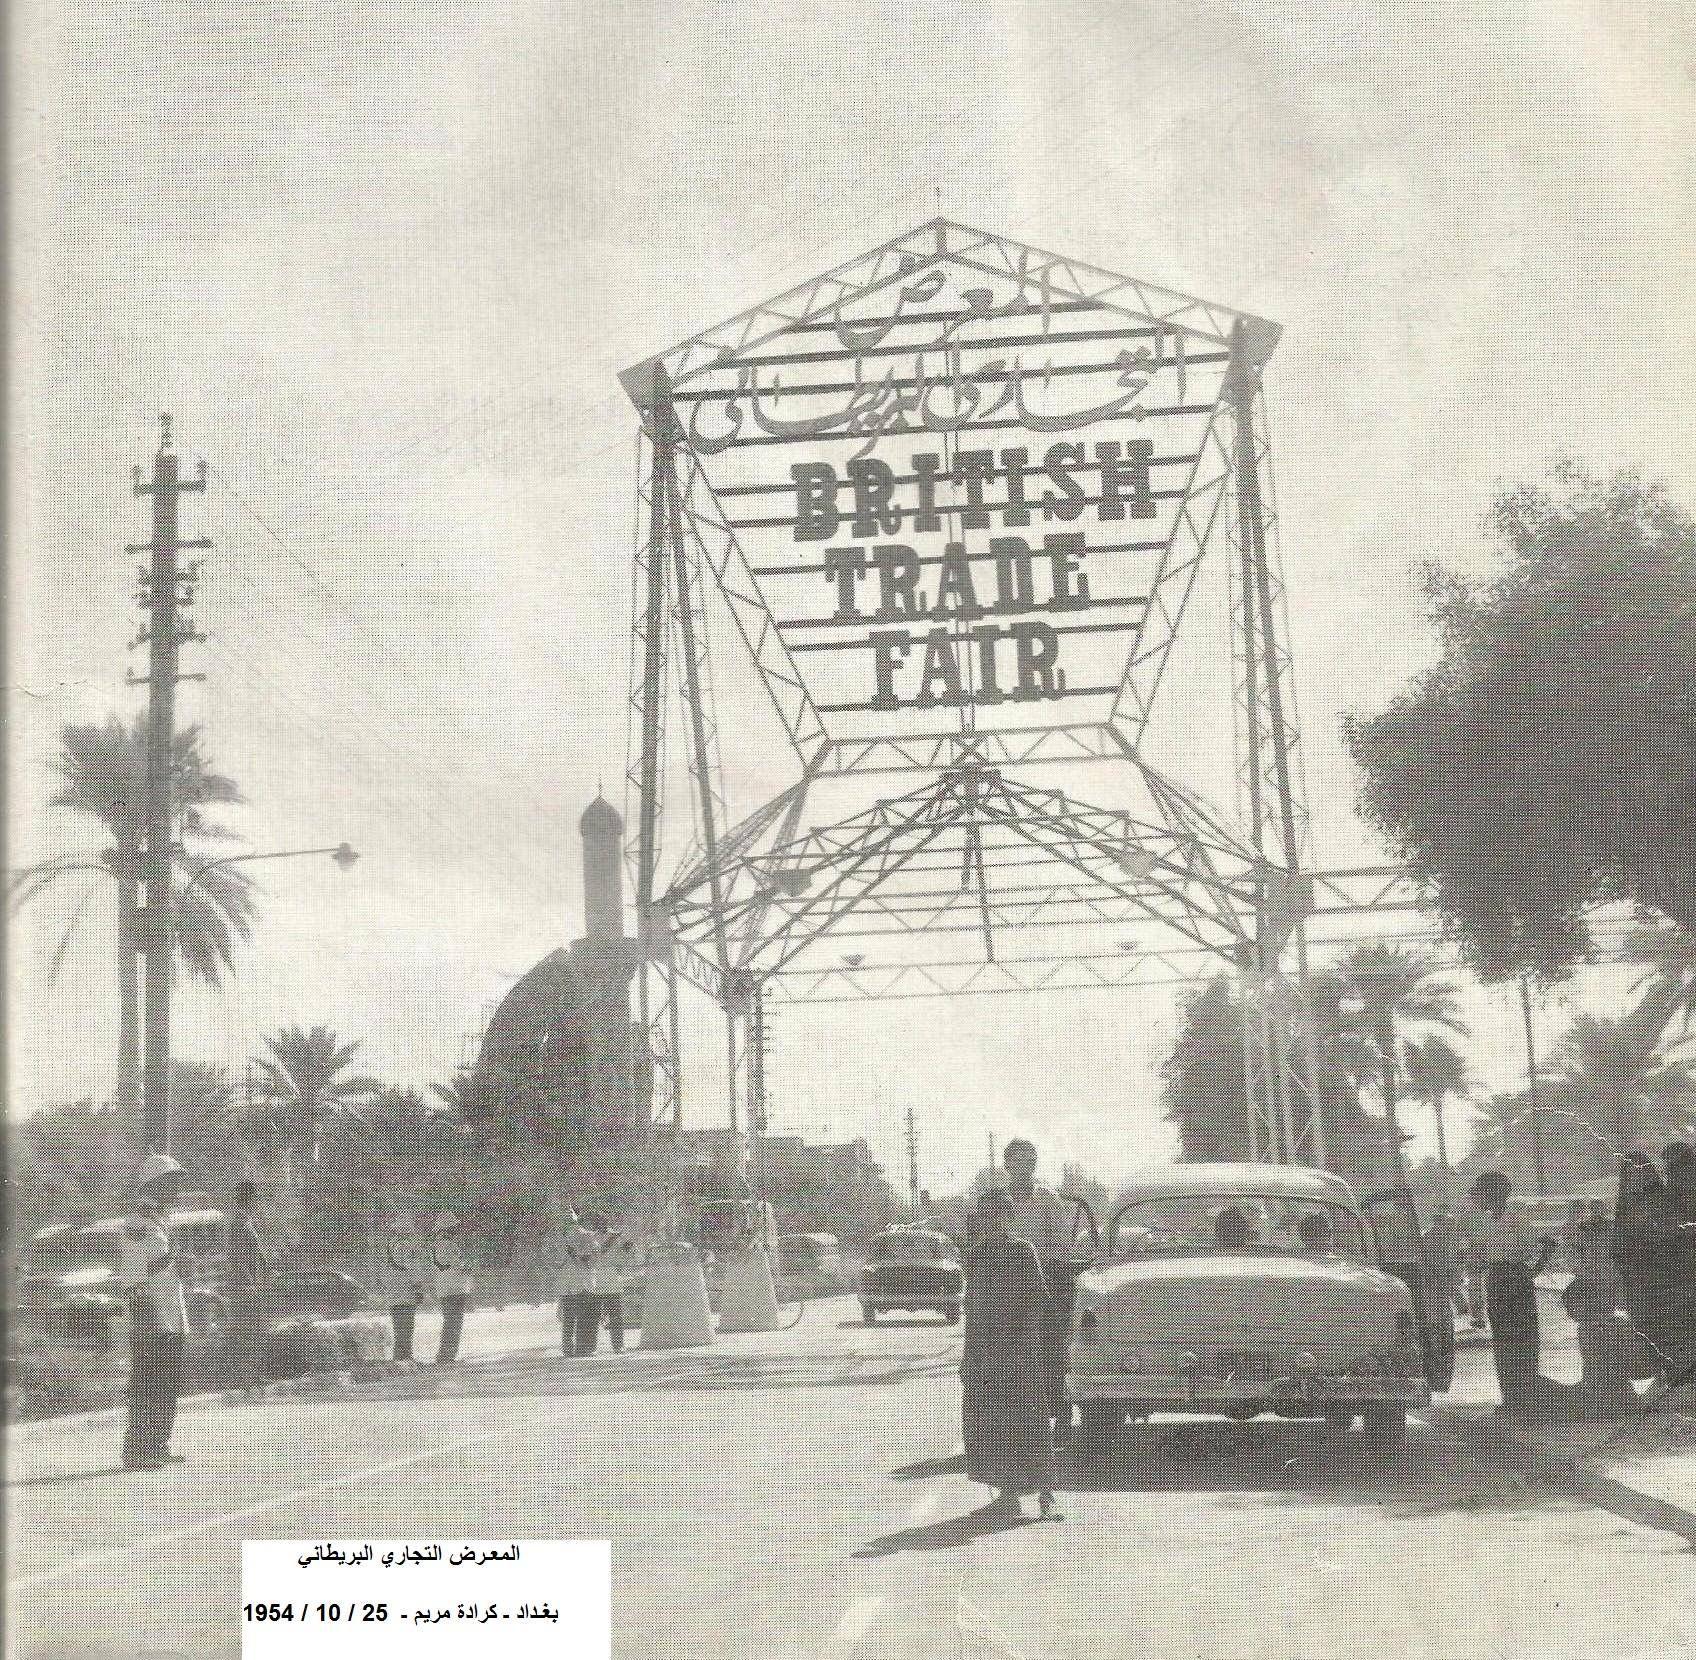 صورة من العهد الملكي في العراق مدخل المعرض التجاري البريطاني كرادة مريم ـ 1954 الجامع الذي يظهر في الصورة هو جامع الشاوي ا Baghdad Iraq Baghdad Mesopotamia